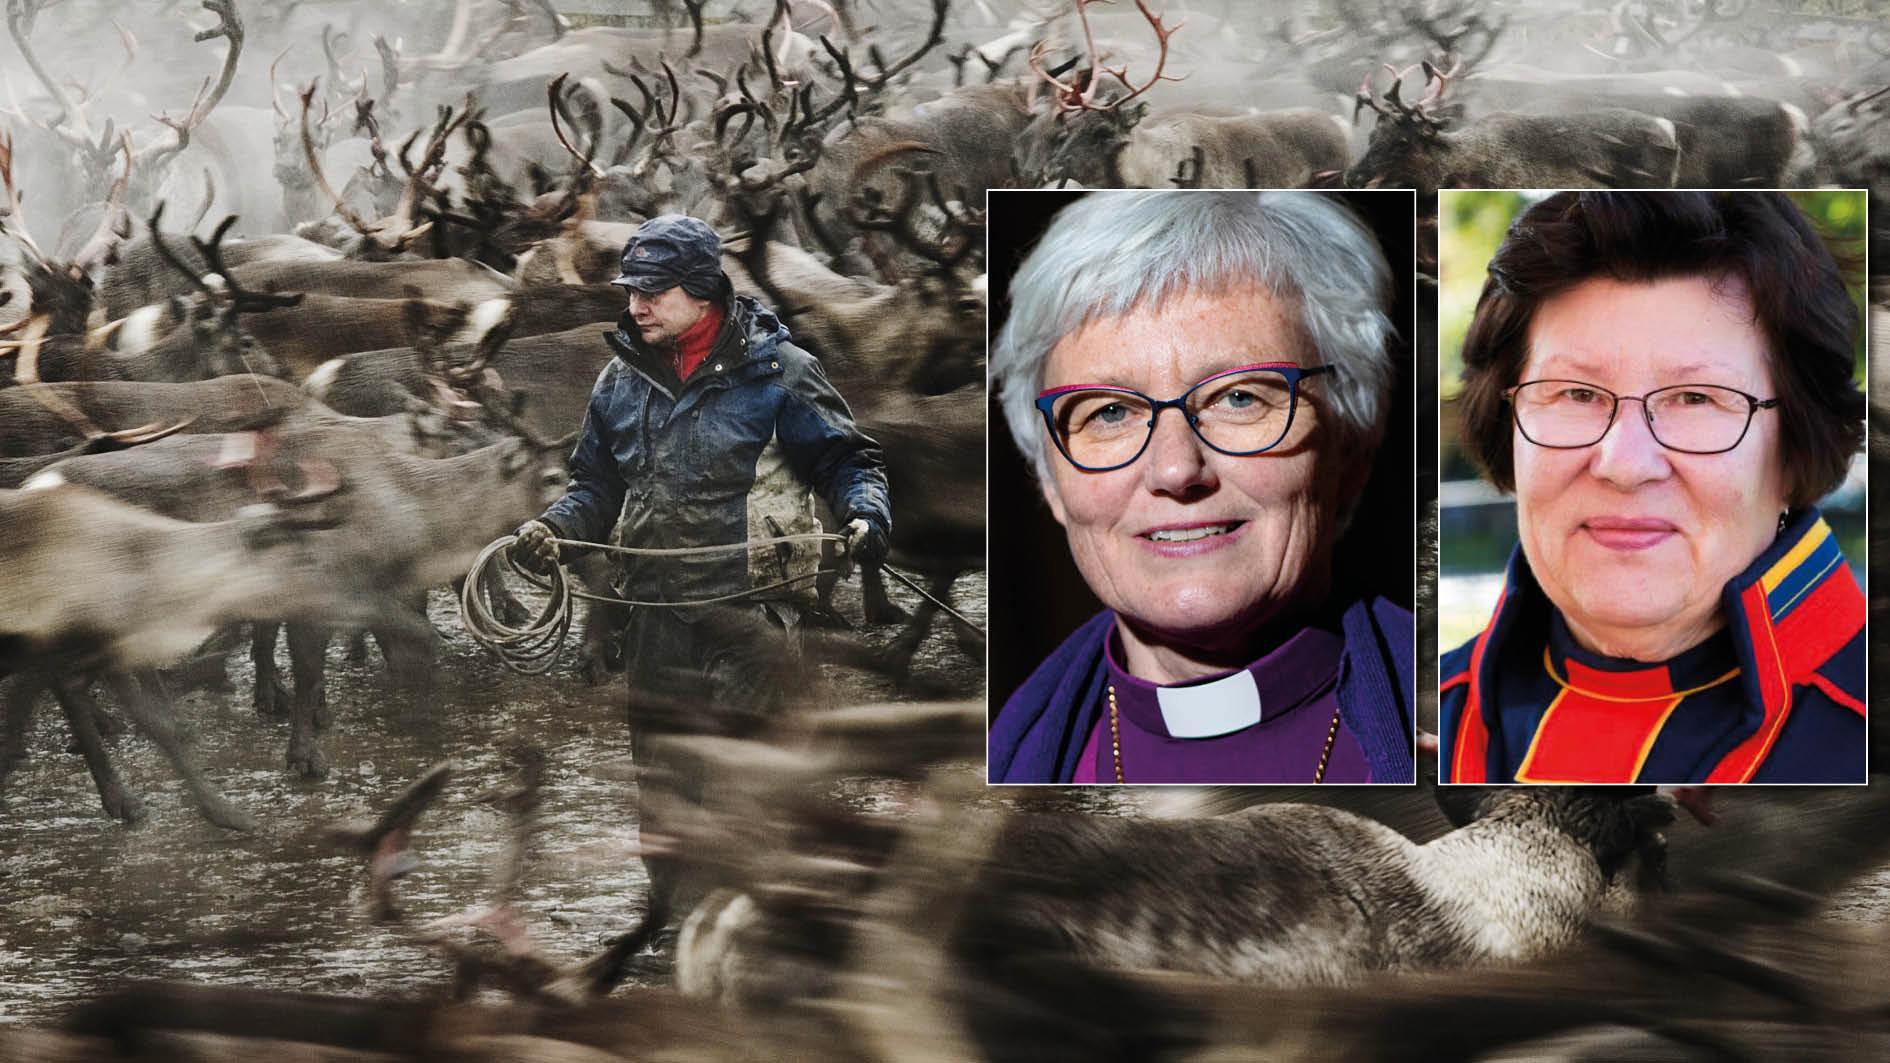 Svenska kyrkan kommer att framföra en offentlig ursäkt till hela det samiska folket. Men även staten måste ta ansvar. Det går inte an att värna urfolksrätten i princip och samtidigt blunda för hur Sveriges urfolk har det, skriver ärkebiskop Antje Jackelén och Ingrid Inga.